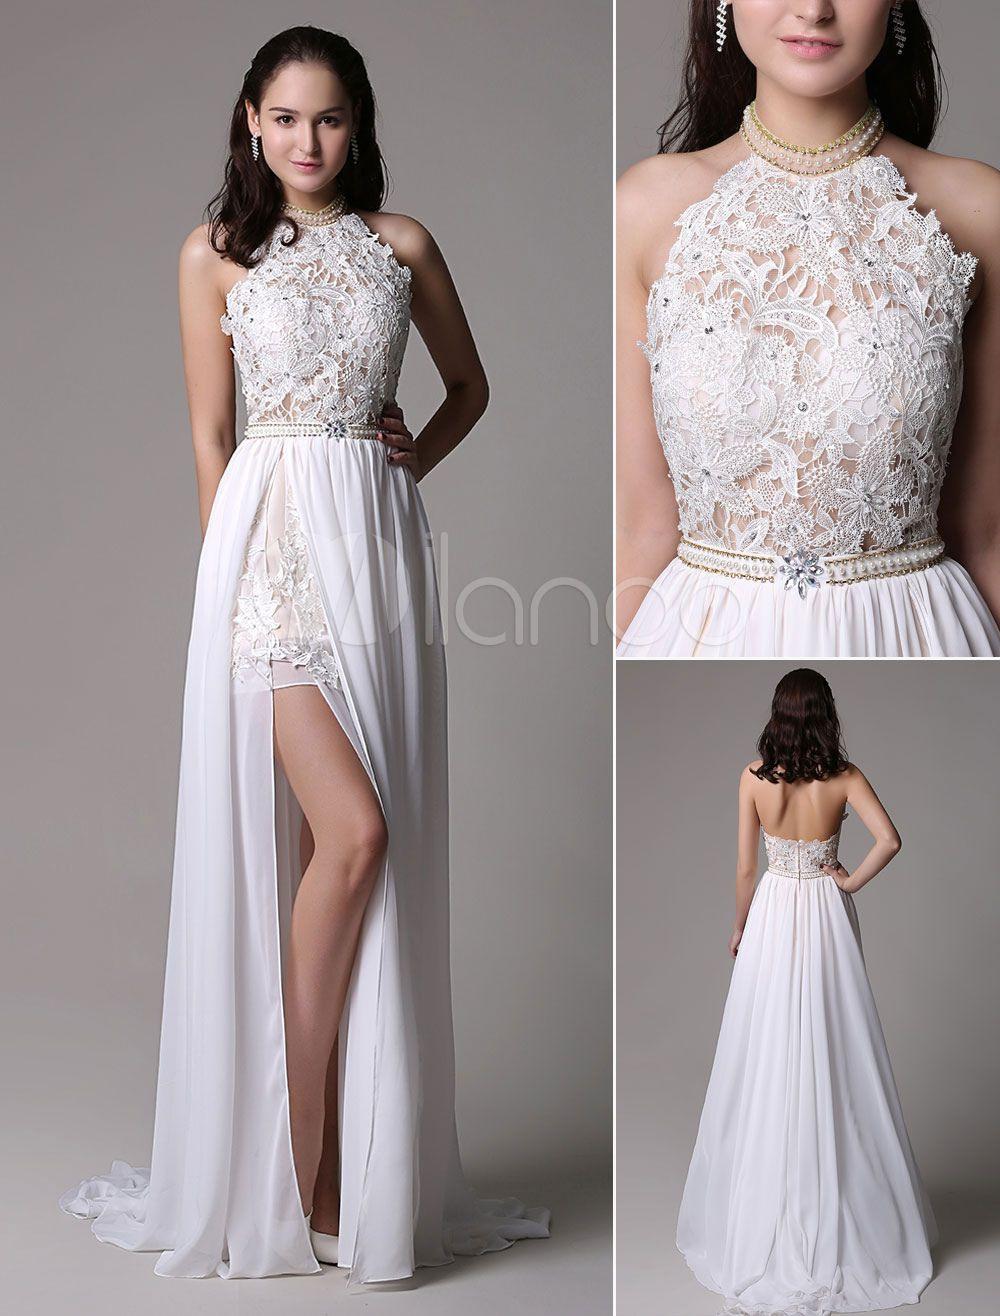 13 Ausgezeichnet Weiße Abendkleider Lang für 201915 Schön Weiße Abendkleider Lang Bester Preis